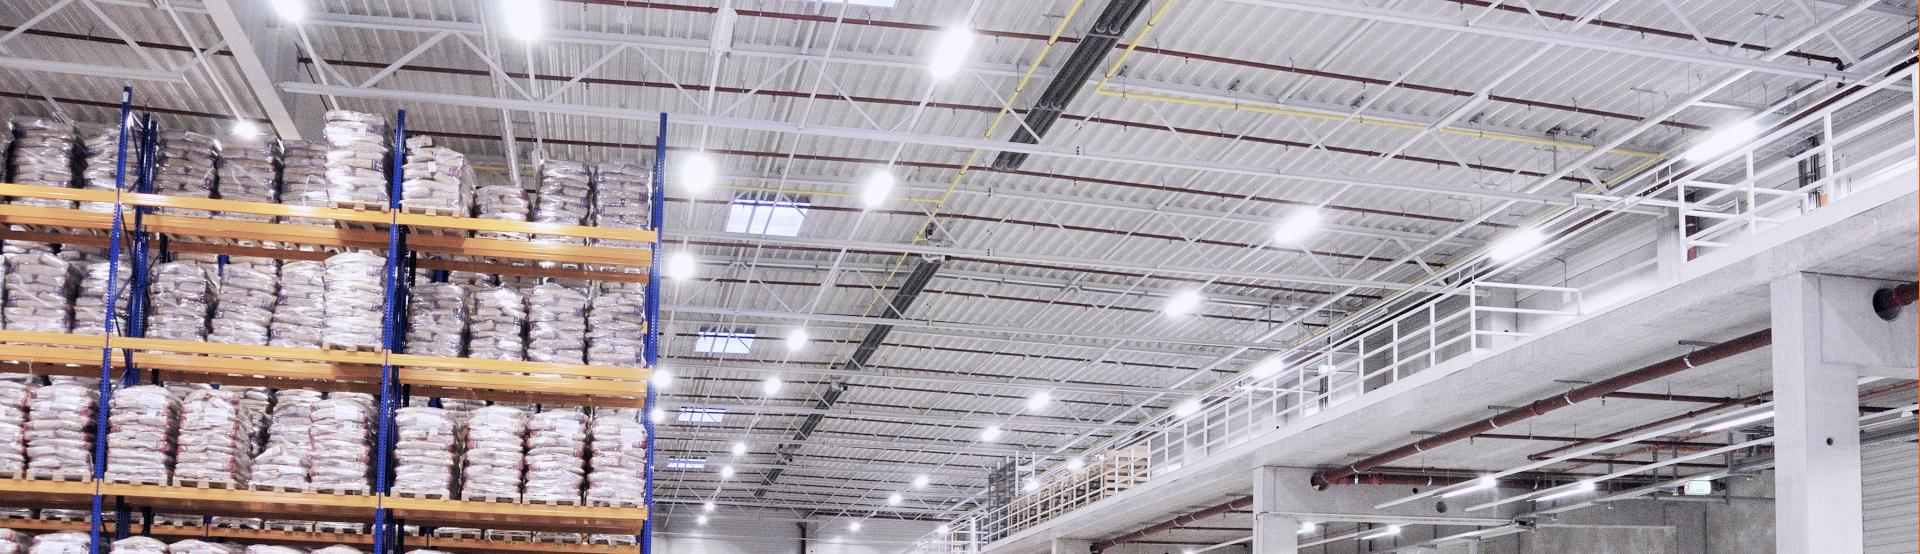 Mehrere lange Dunkelstrahler von Schwank in einer großen Logistikhalle.